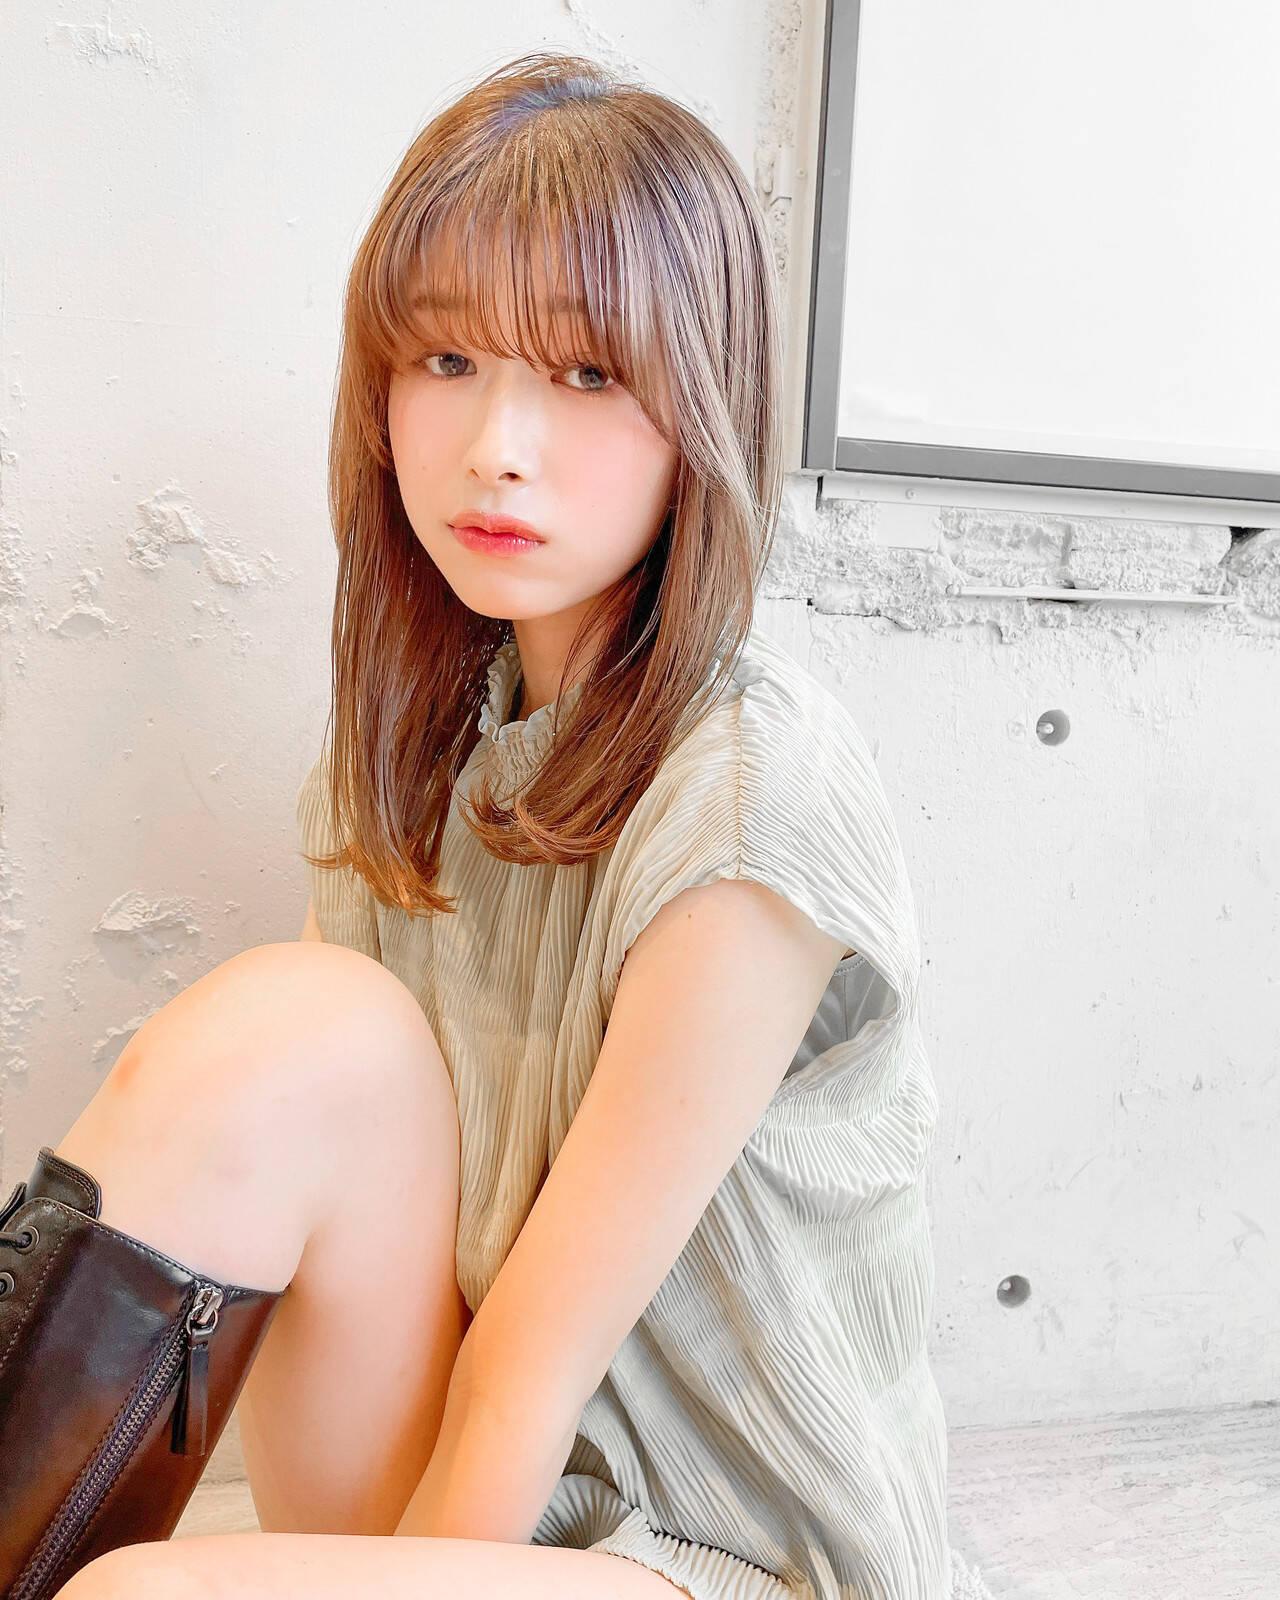 セミロング 韓国ヘア ナチュラル 縮毛矯正ヘアスタイルや髪型の写真・画像